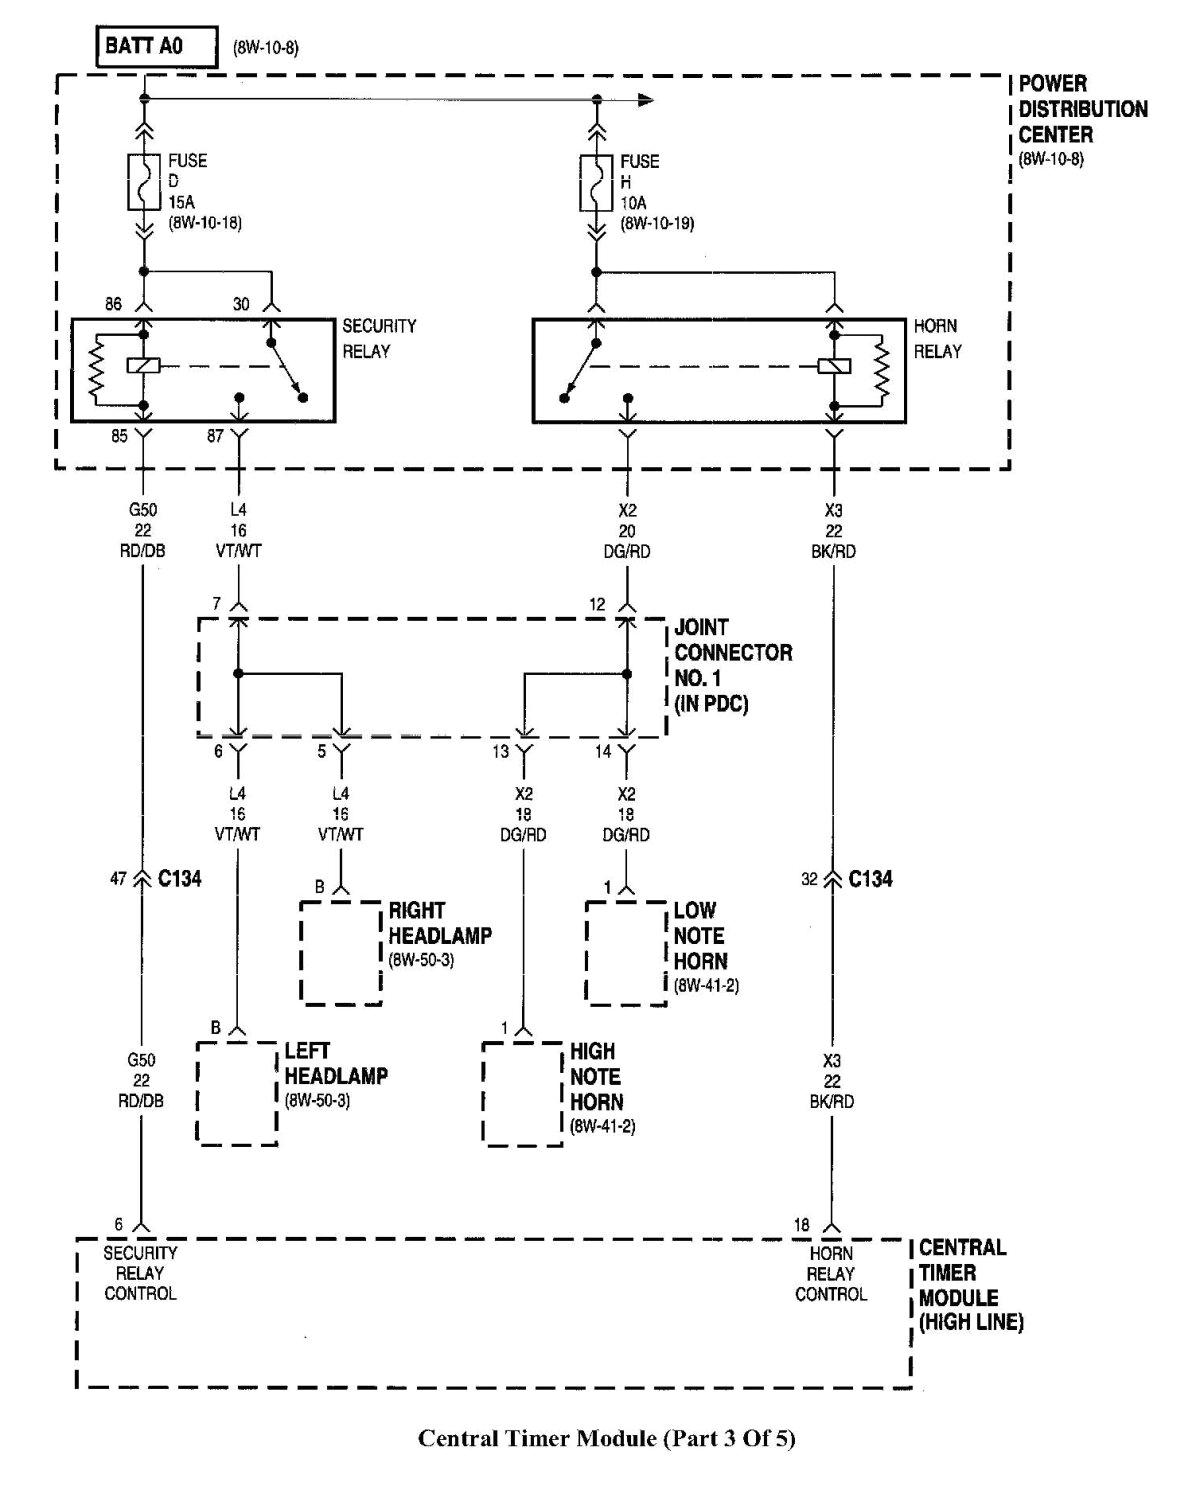 1998 dodge ram 2500 gas wiring diagram wiring diagram 1998 dodge ram 2500 gas wiring diagram